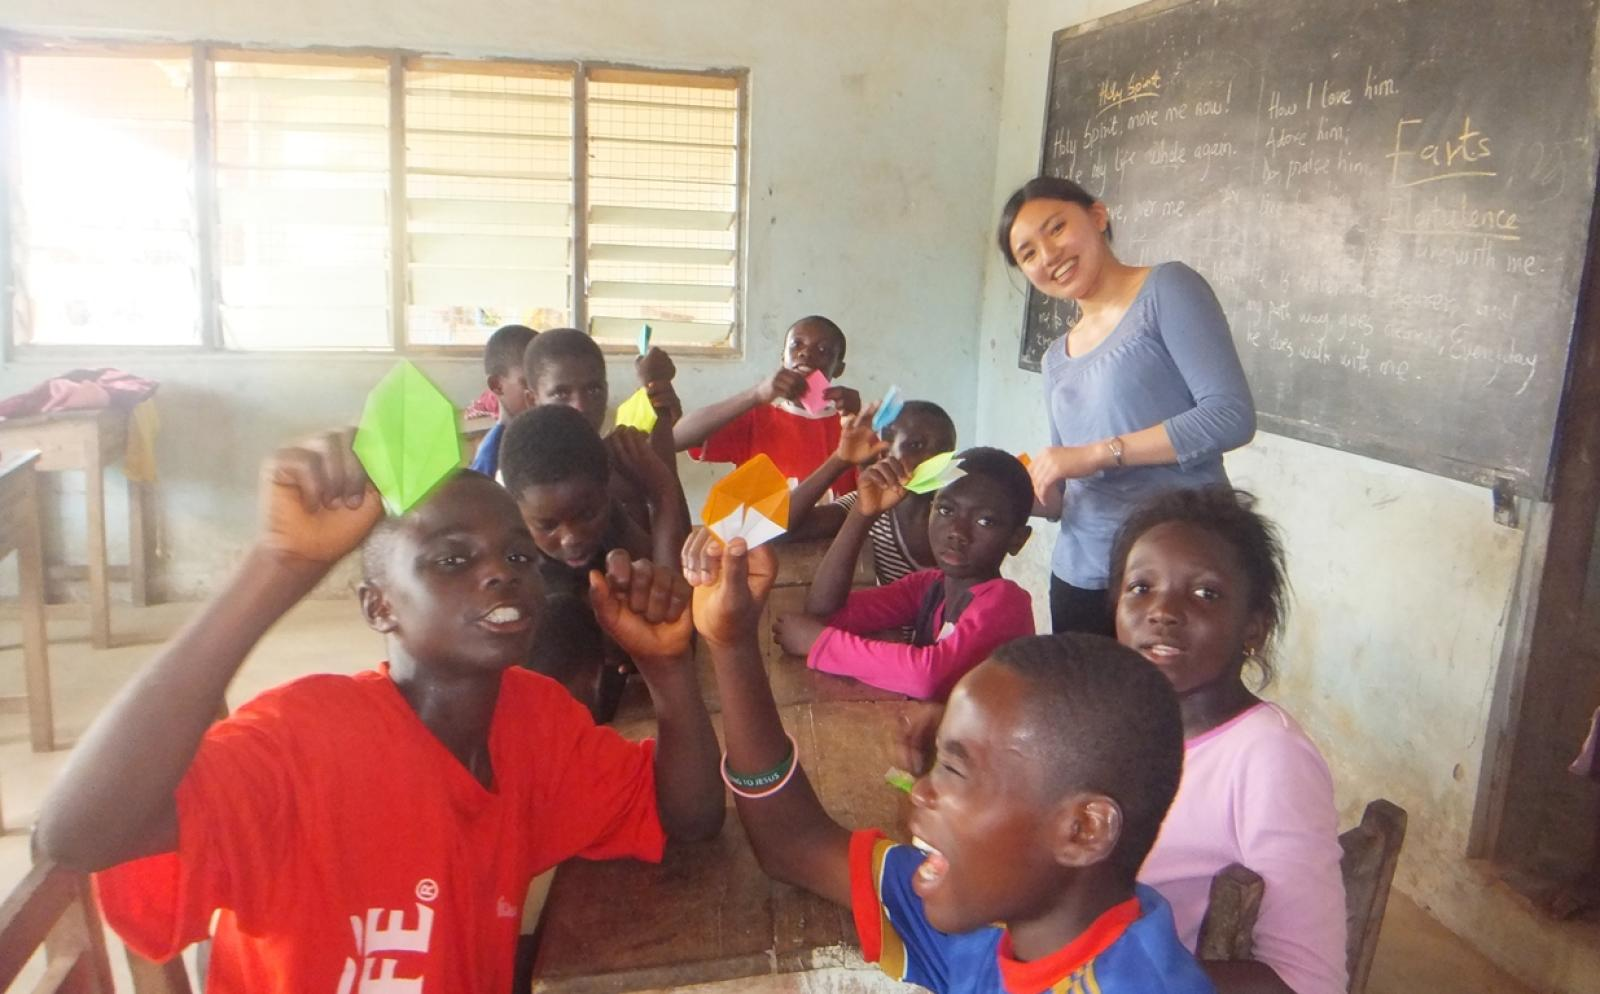 折り紙を通してガーナの子供たちと交流する教育ボランティア